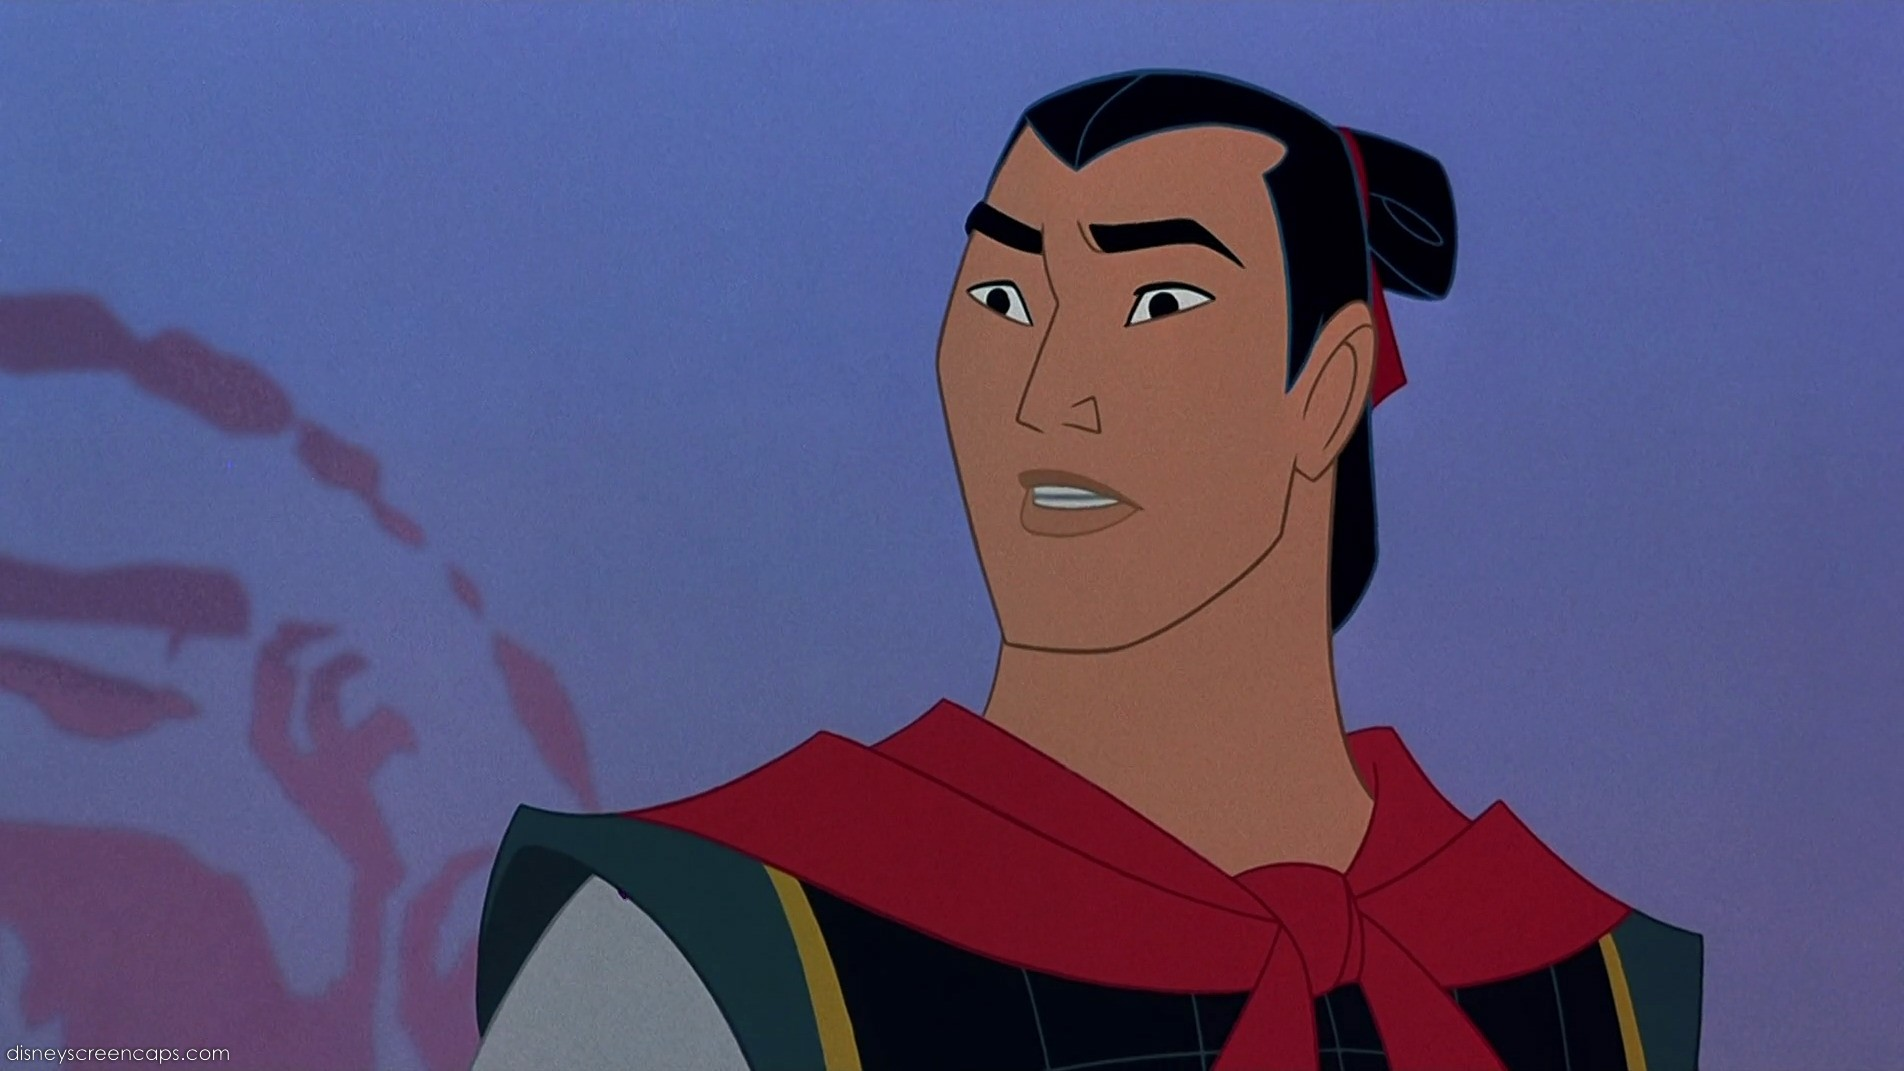 Prince Shang